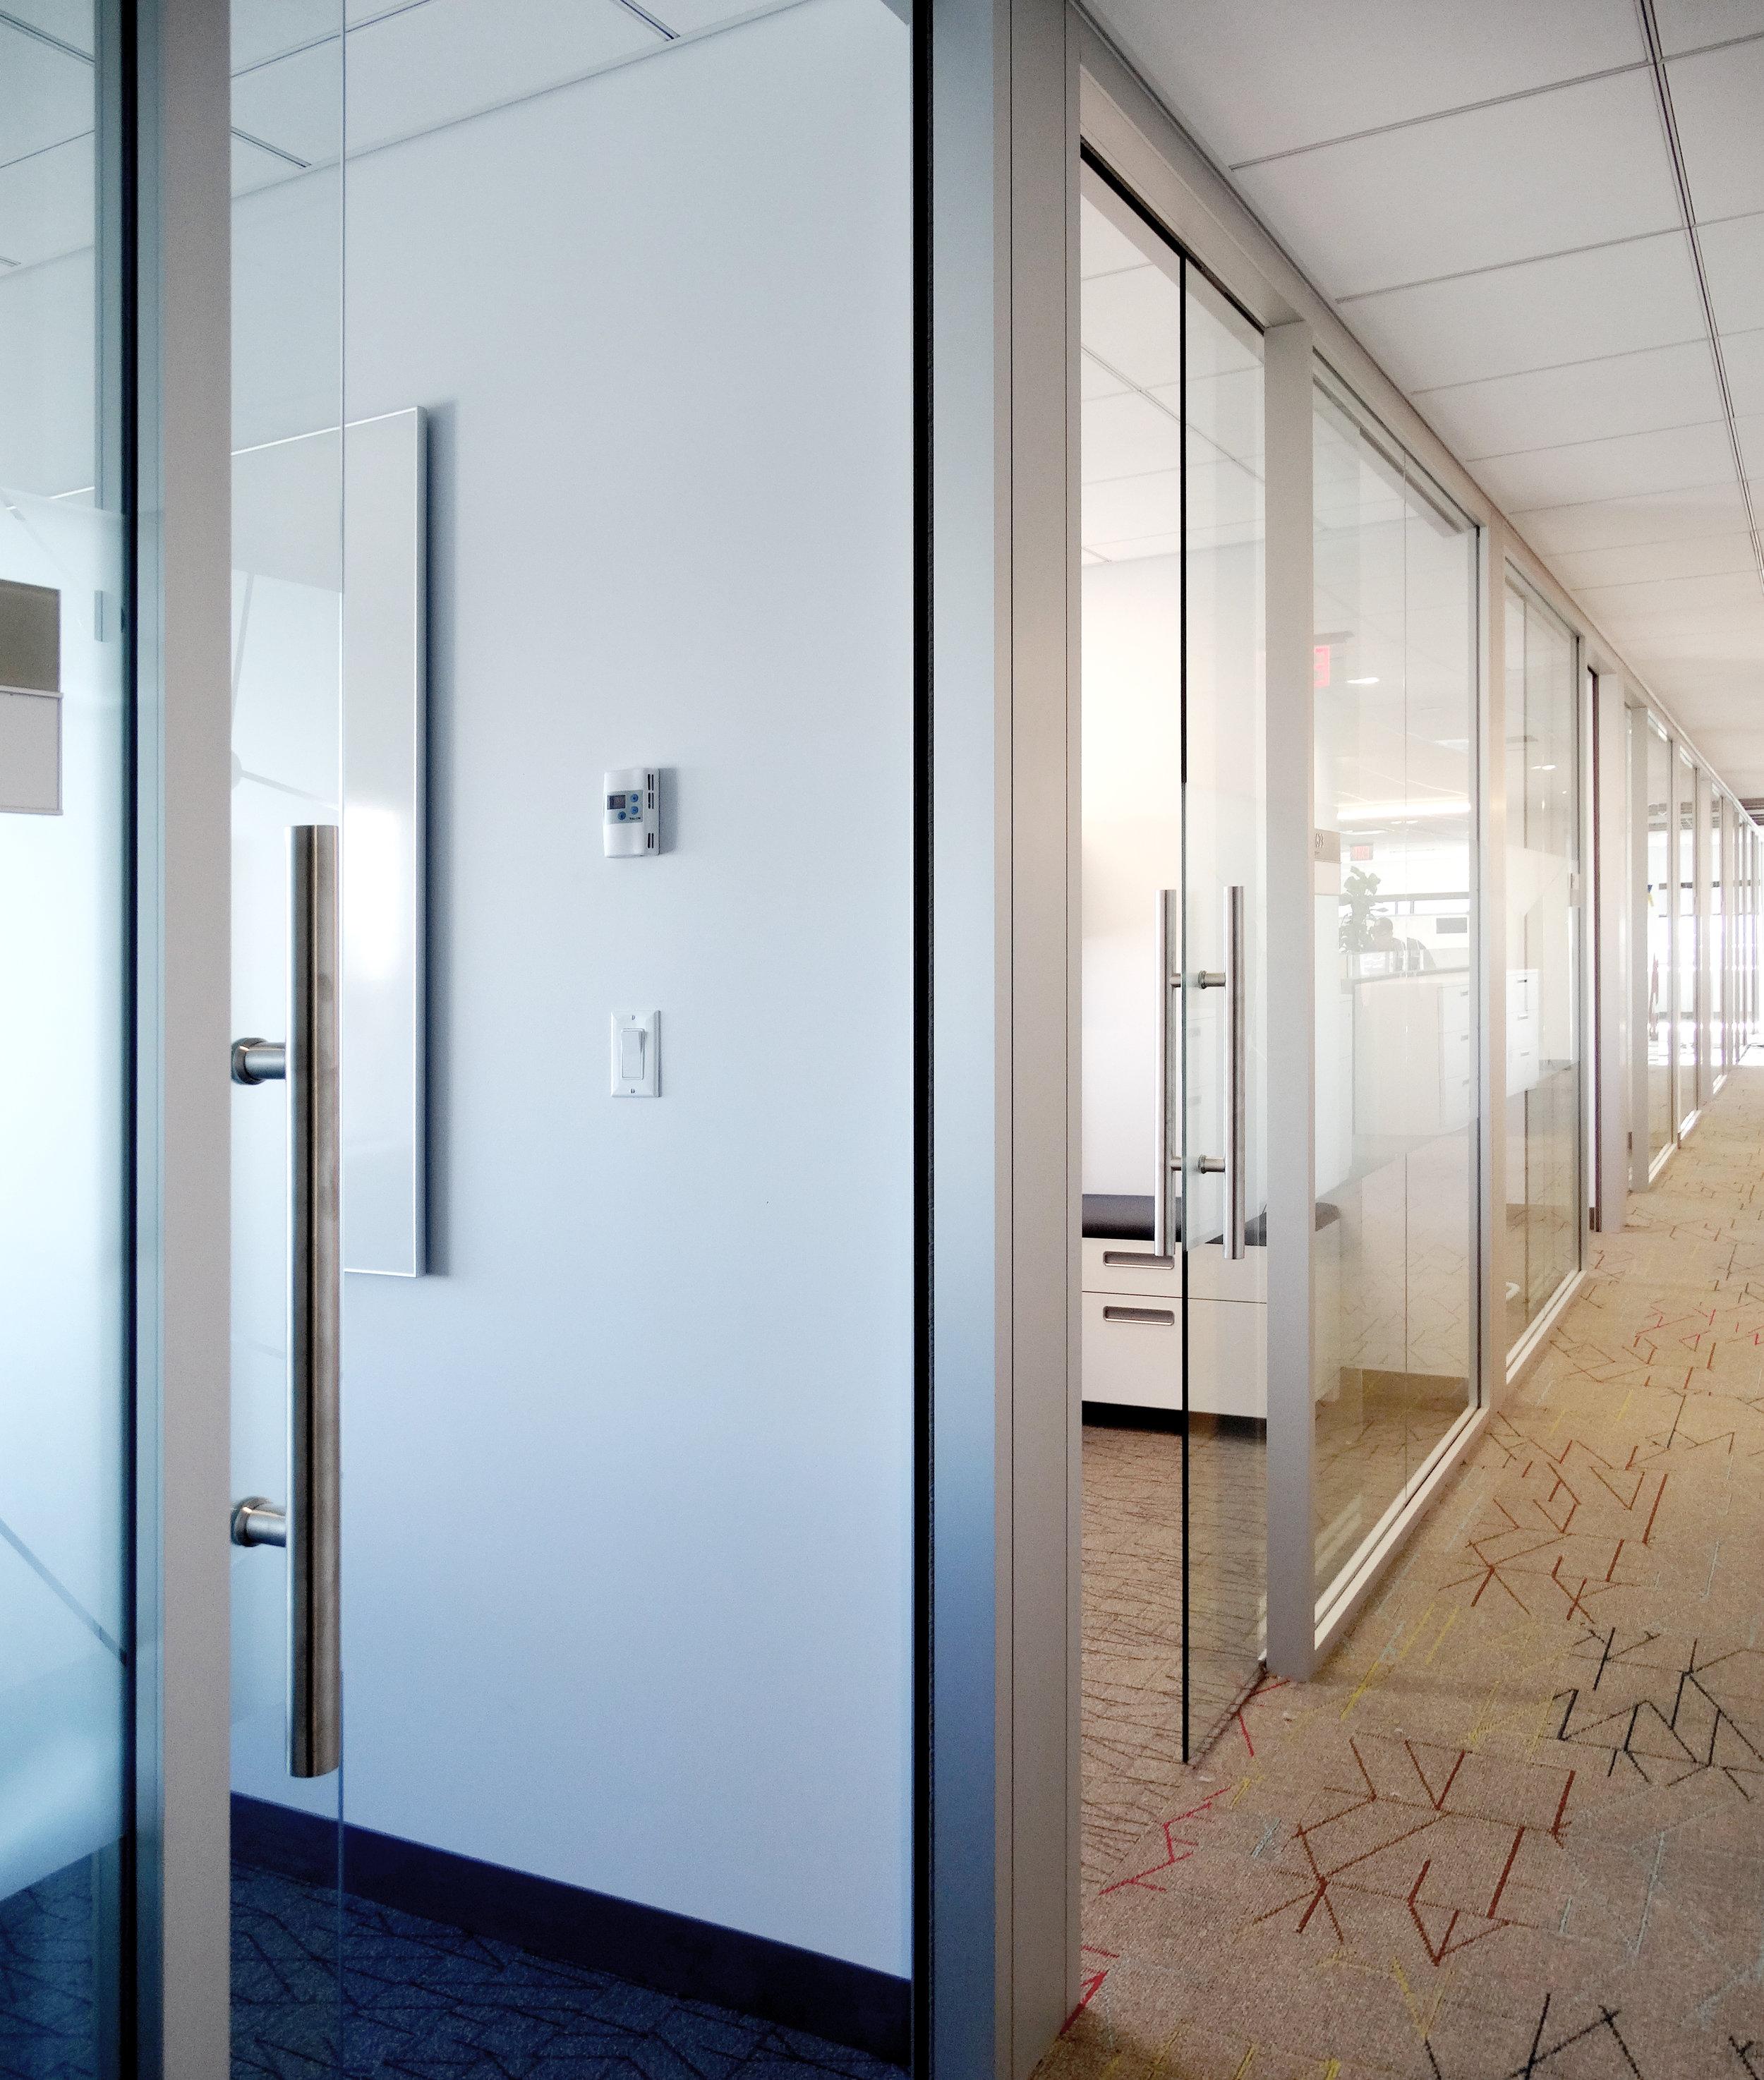 Litespace Frameless Glass Sliding Door Office Run - Spaceworks AI.jpg